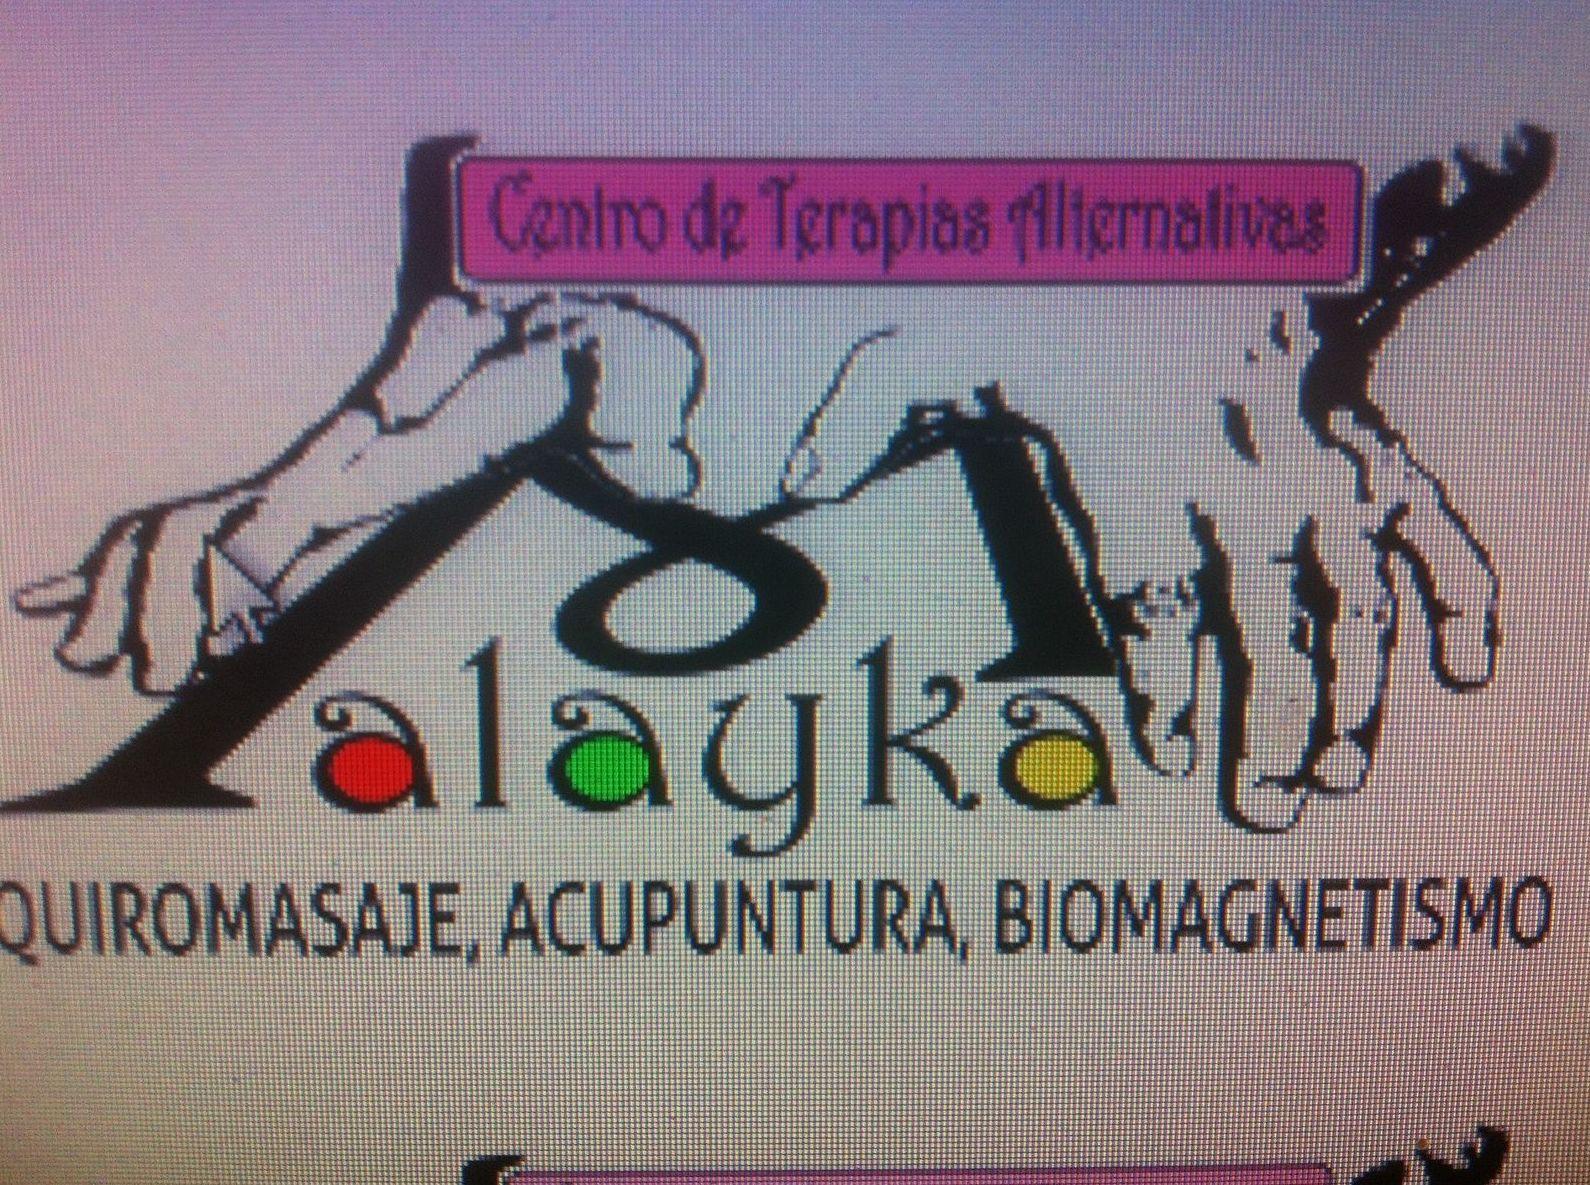 Quiromasaje, acupuntura, biomagnetismo, Centro de Terapias Alternativas